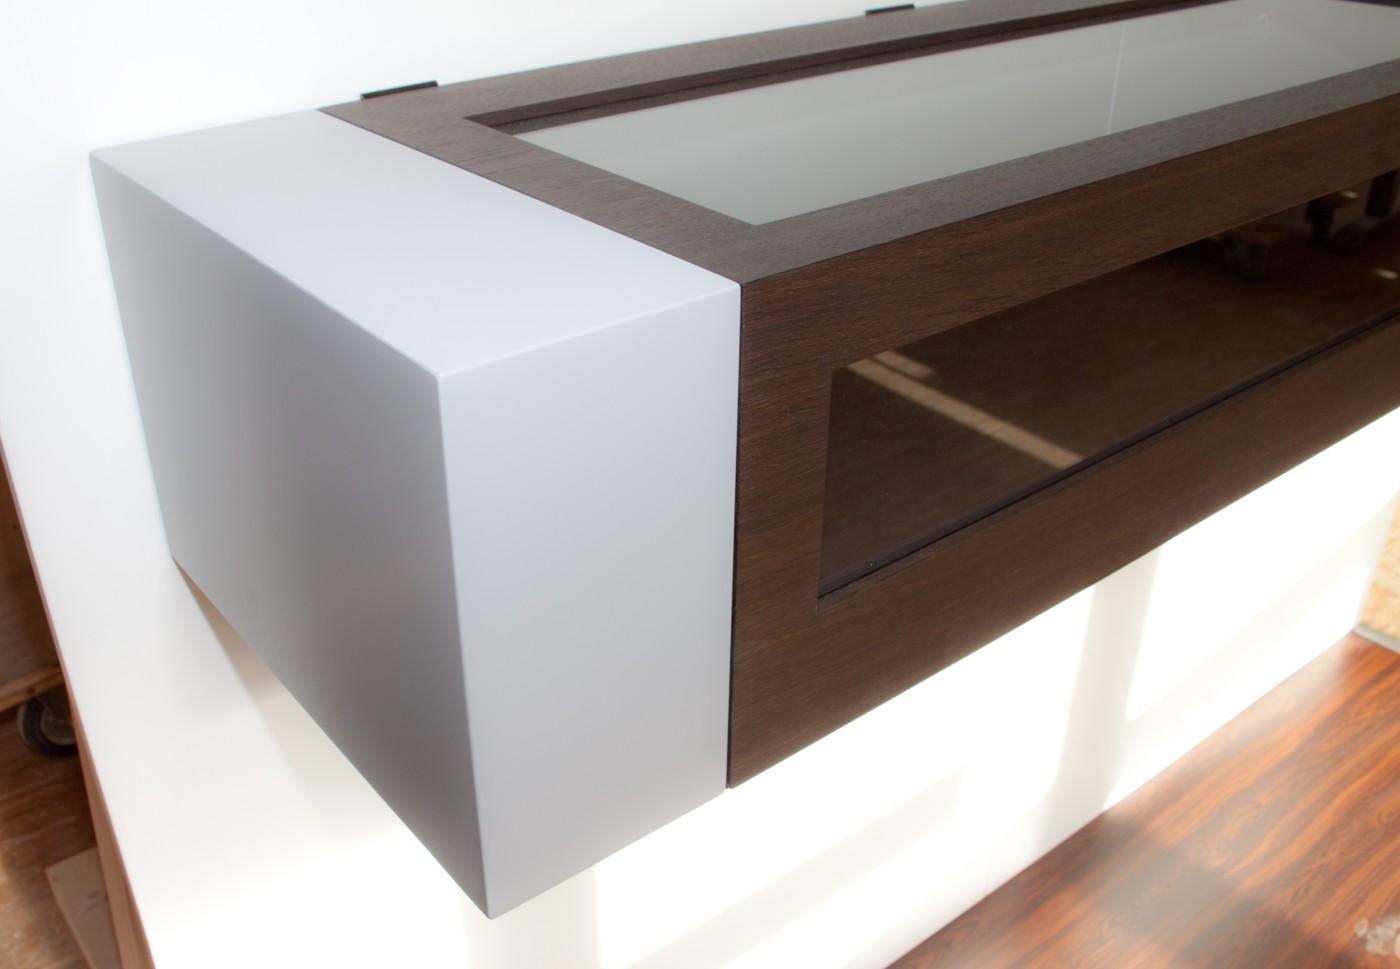 meisterst ck aus echtholz. Black Bedroom Furniture Sets. Home Design Ideas